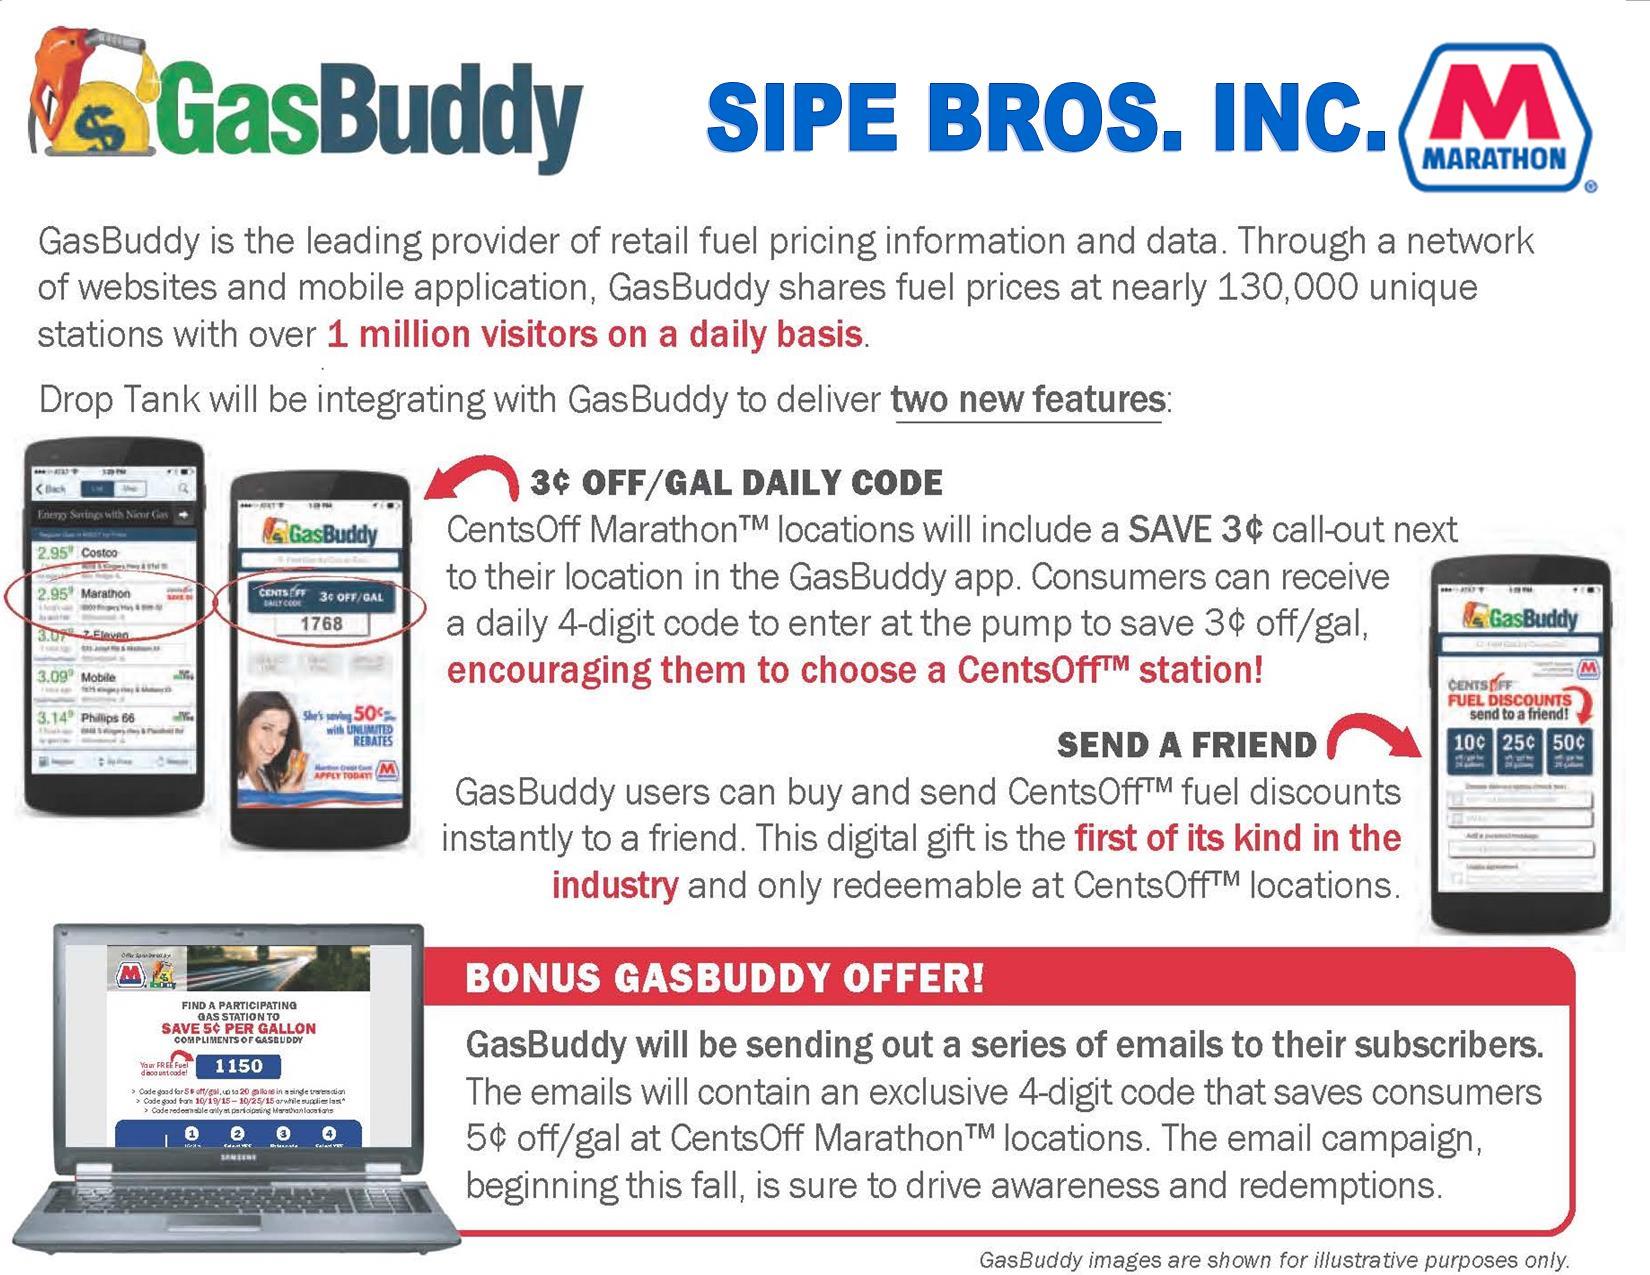 GasBuddy Daily Gas Code at Sipe Bros-Marathon